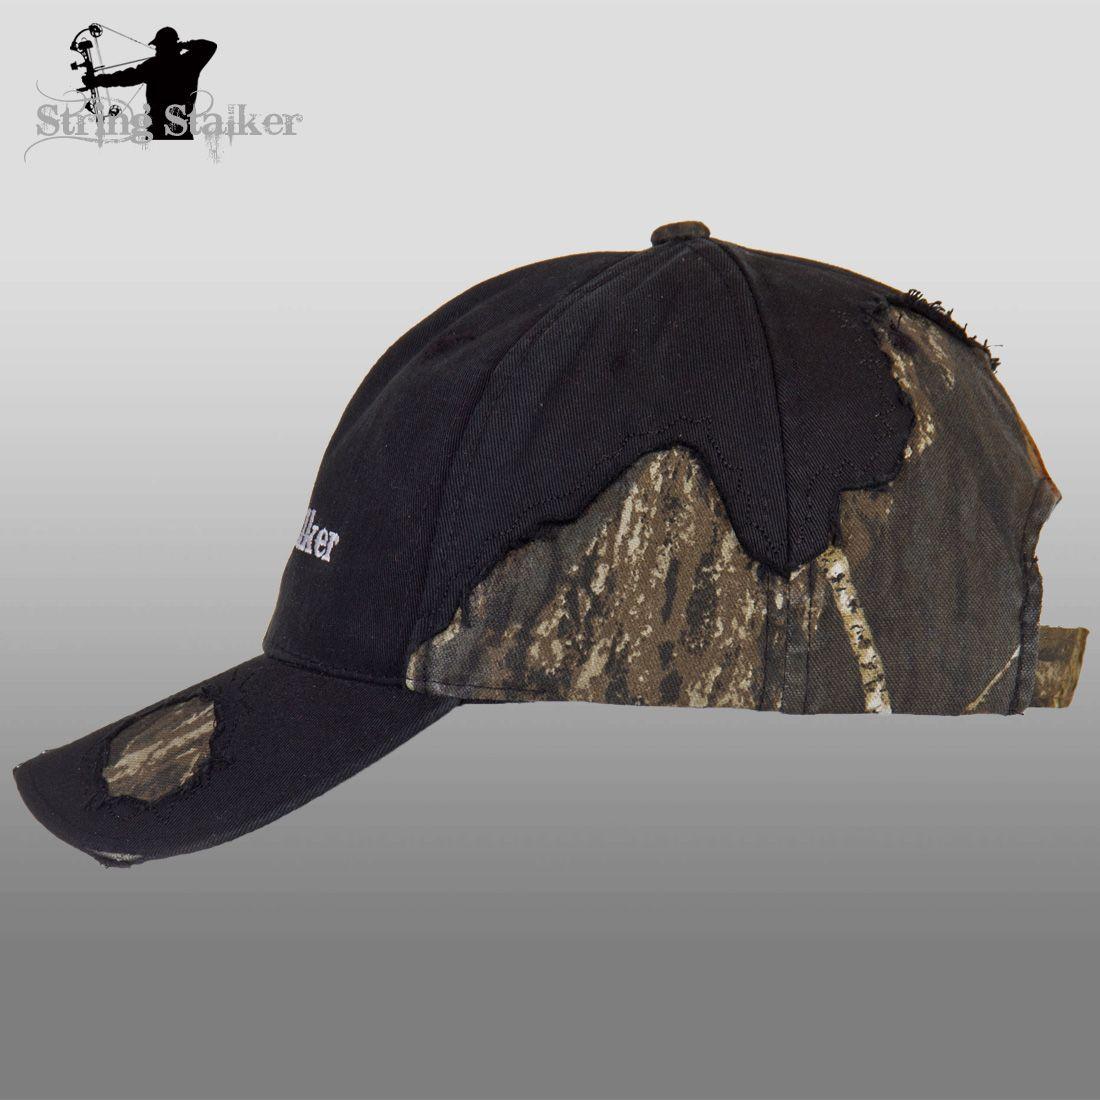 96701d0c4 Black String Stalker Frayed Camo Bow Hunting Hat | String Stalker ...